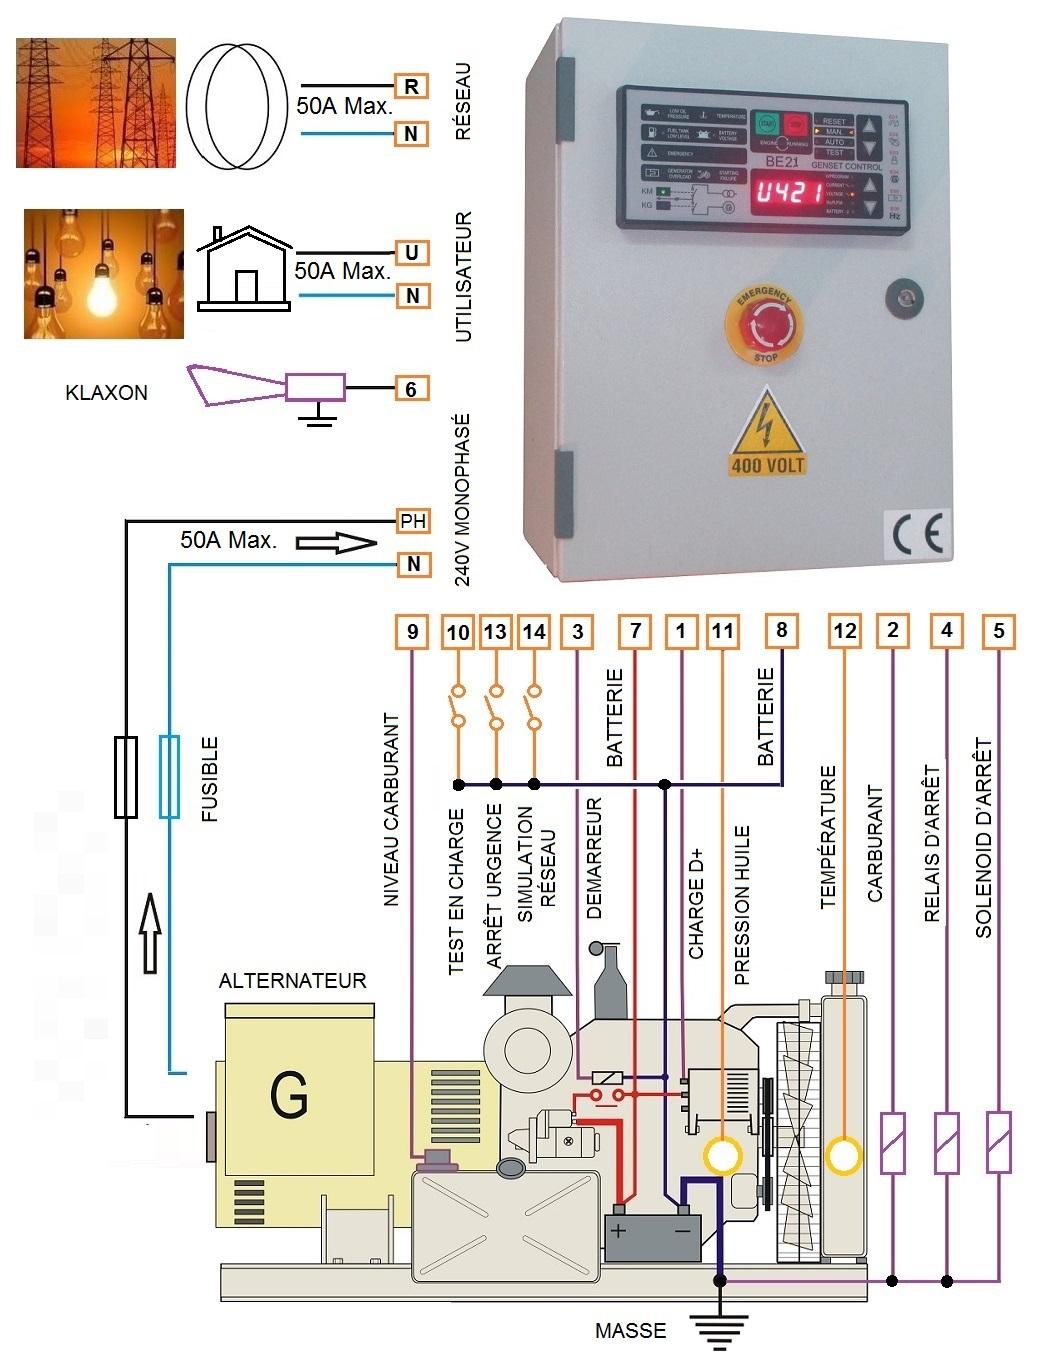 schéma electrique inverseur de groupe électrogène Be21